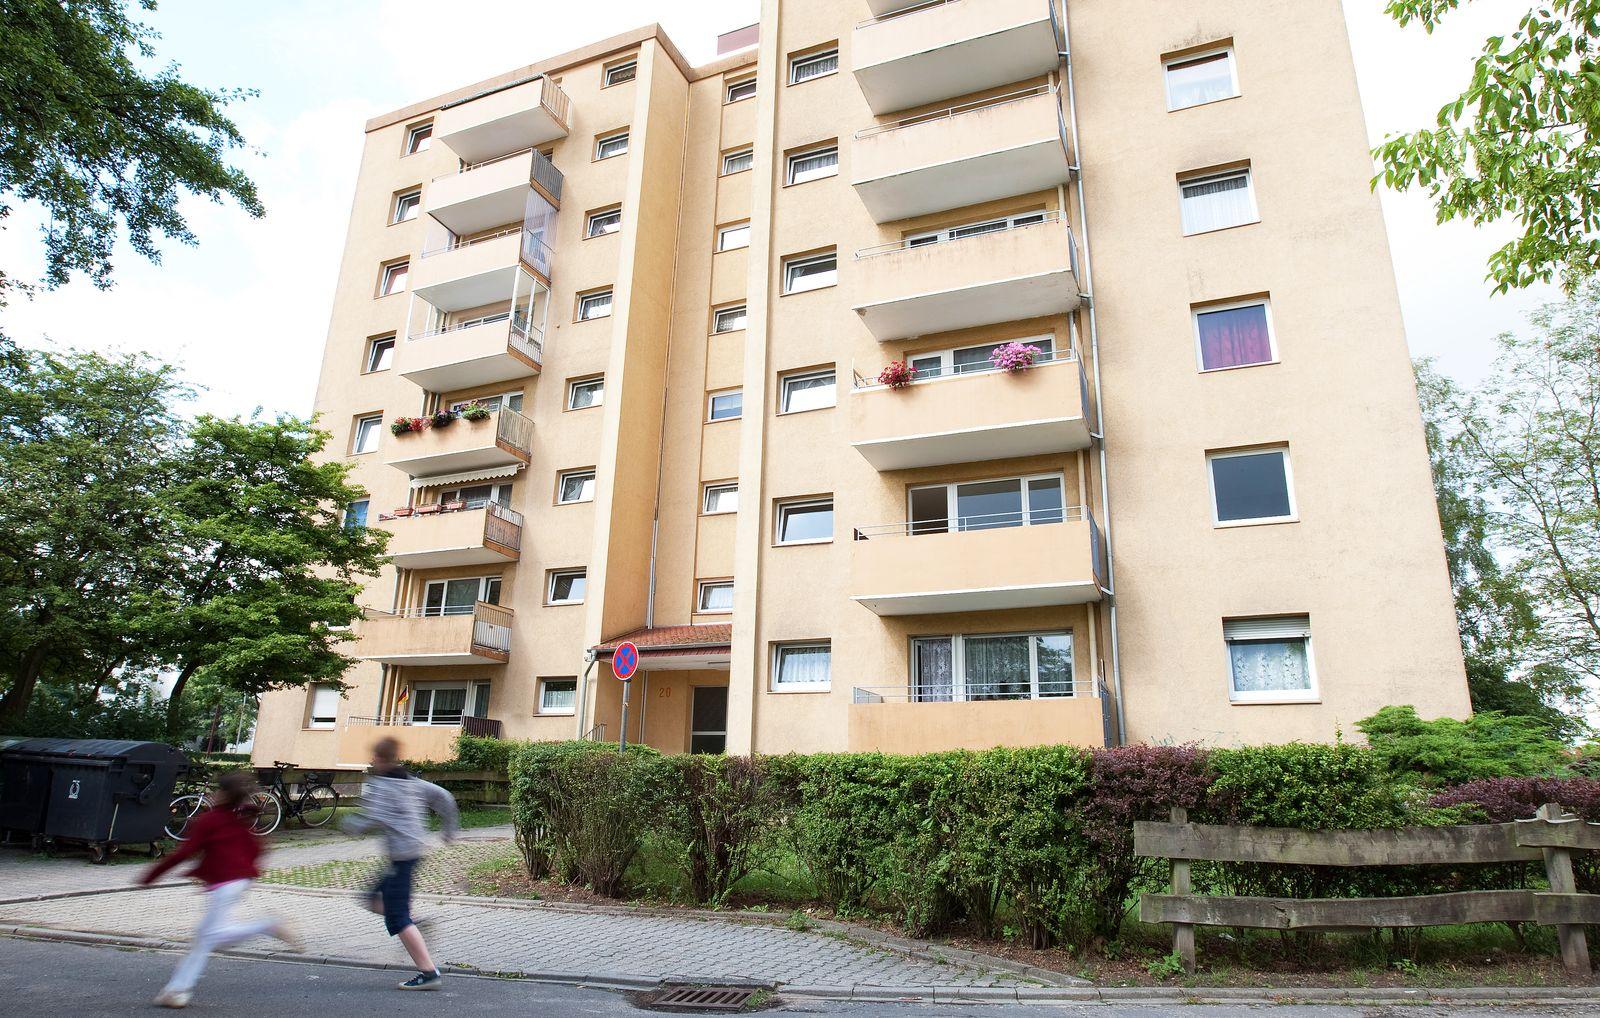 Mietshaus / Miete / Wohnungen / Vermieter